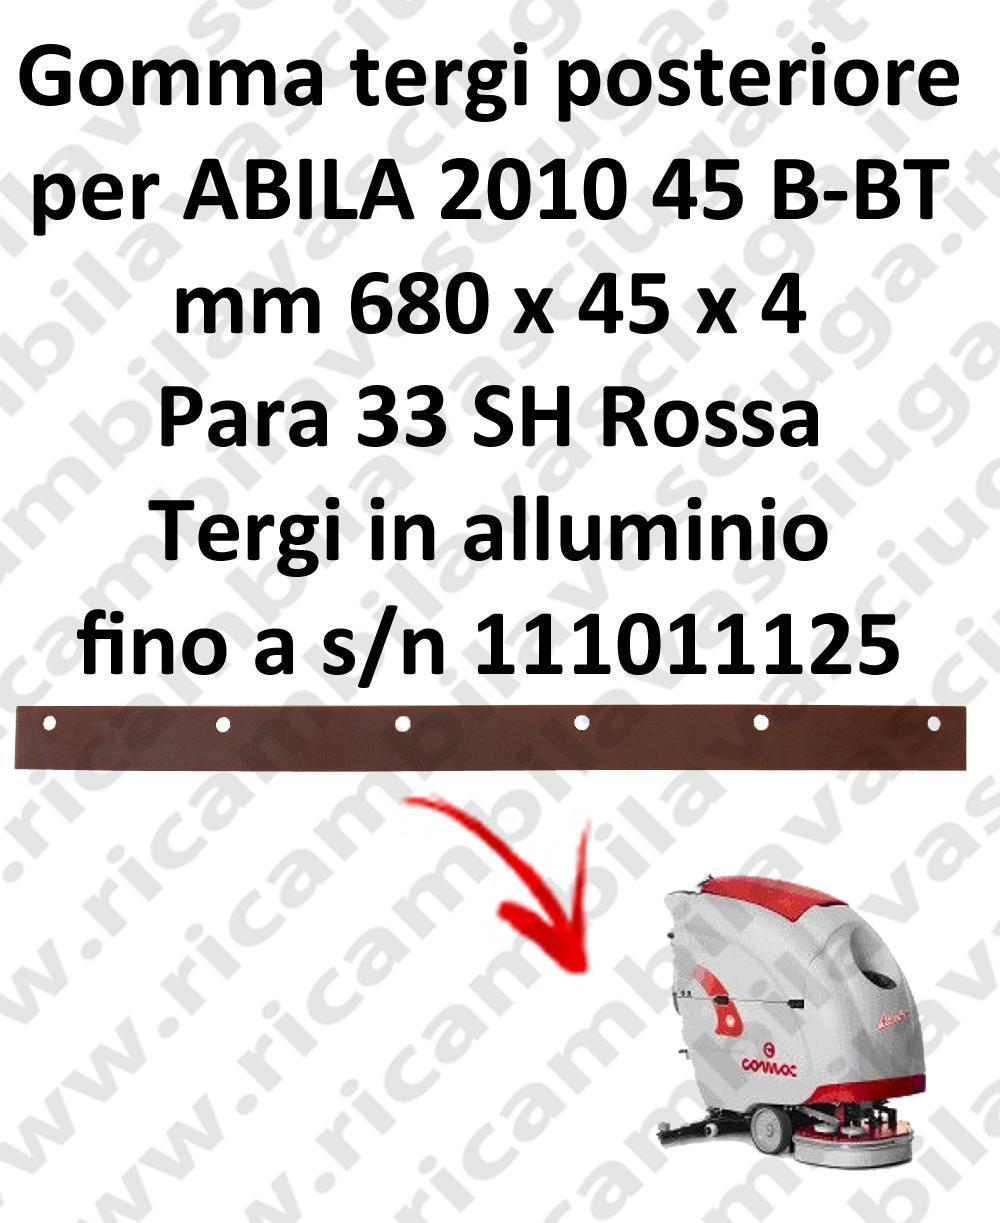 ABILA 2010 45 B-BT bis zur Seriennummer 111011125 Hinten Sauglippen für scheuersaugmaschinen COMAC